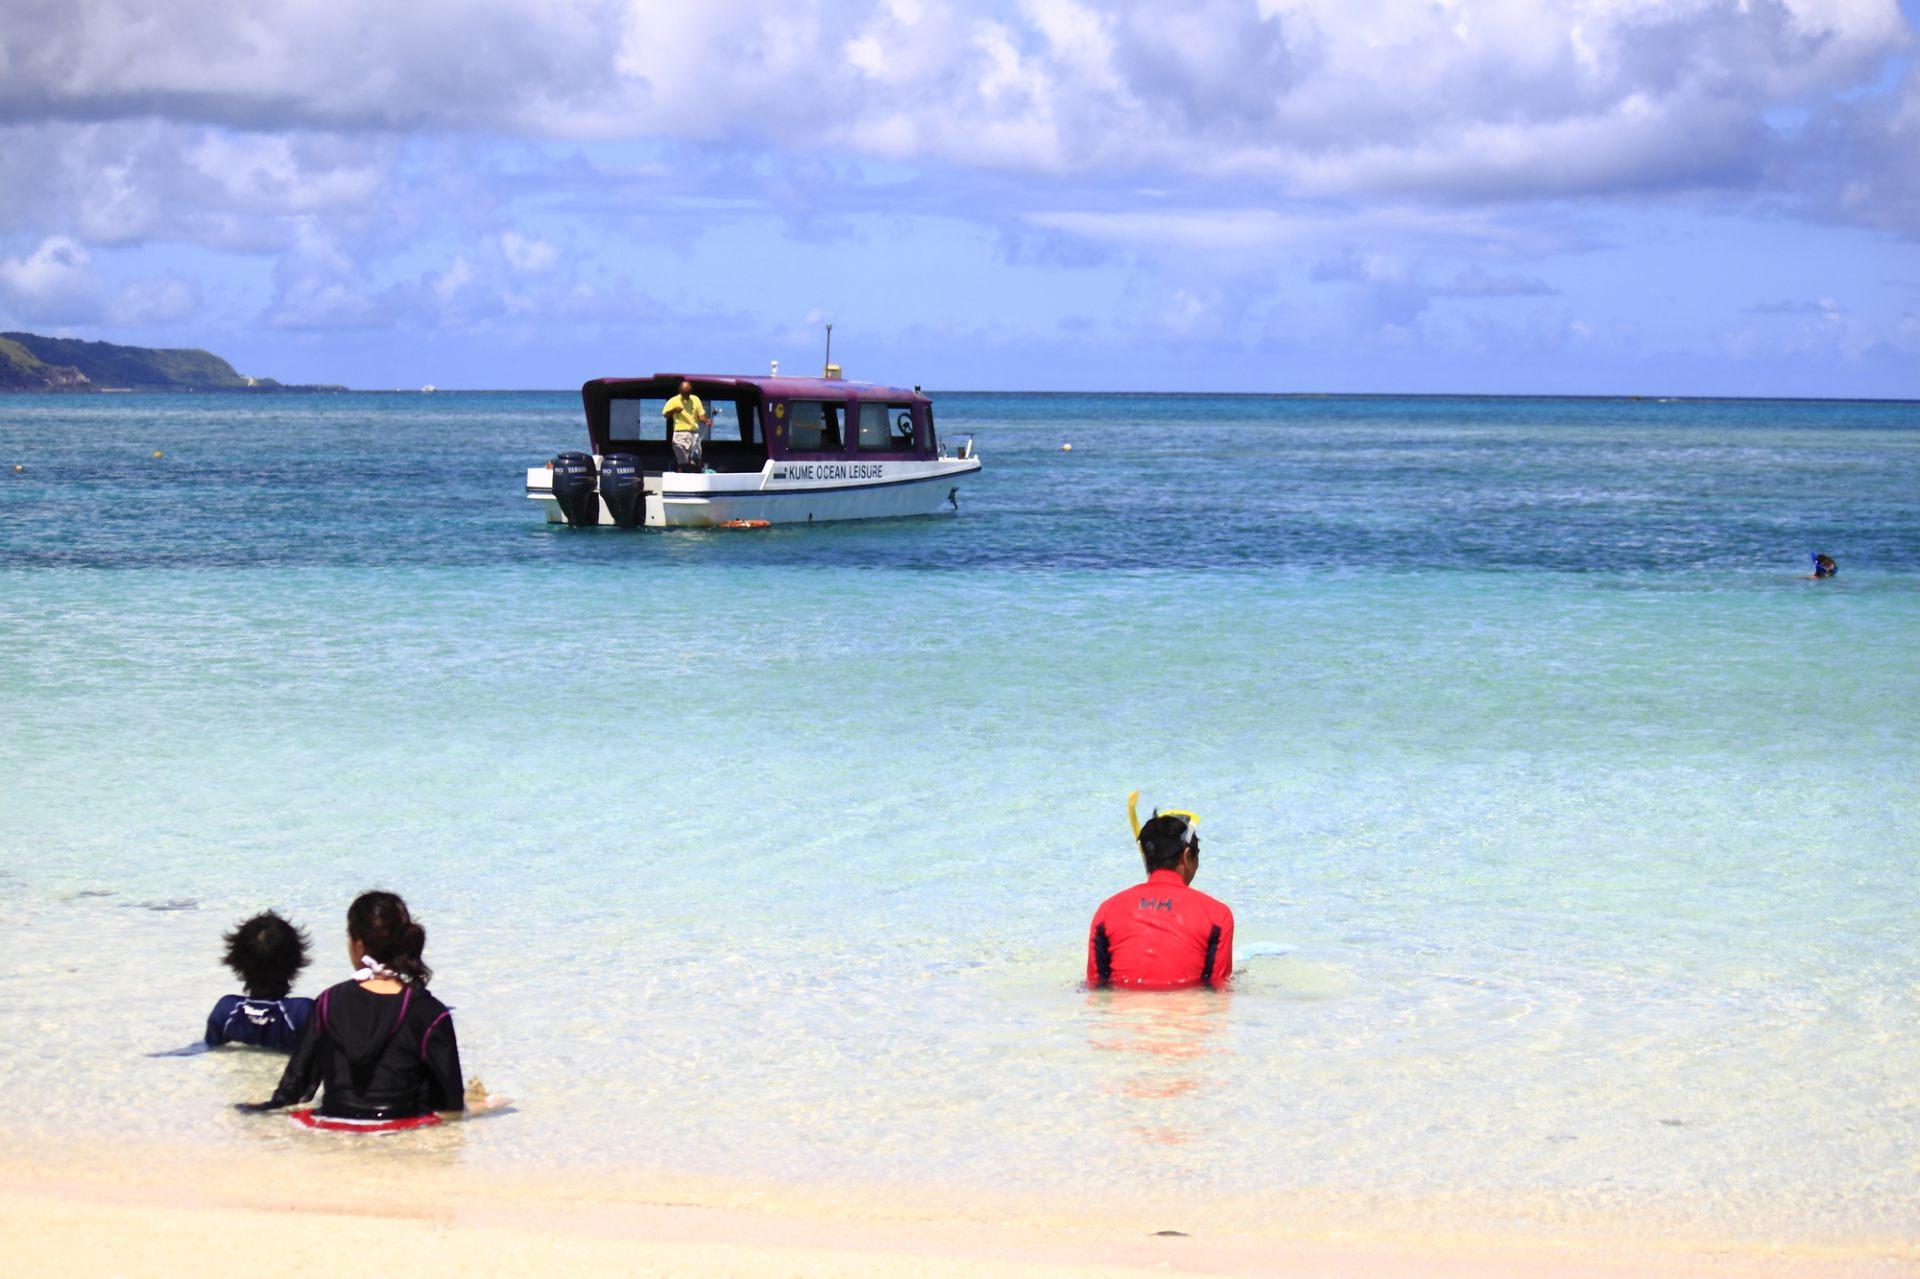 旅遊船、Hateno海灘、海洋